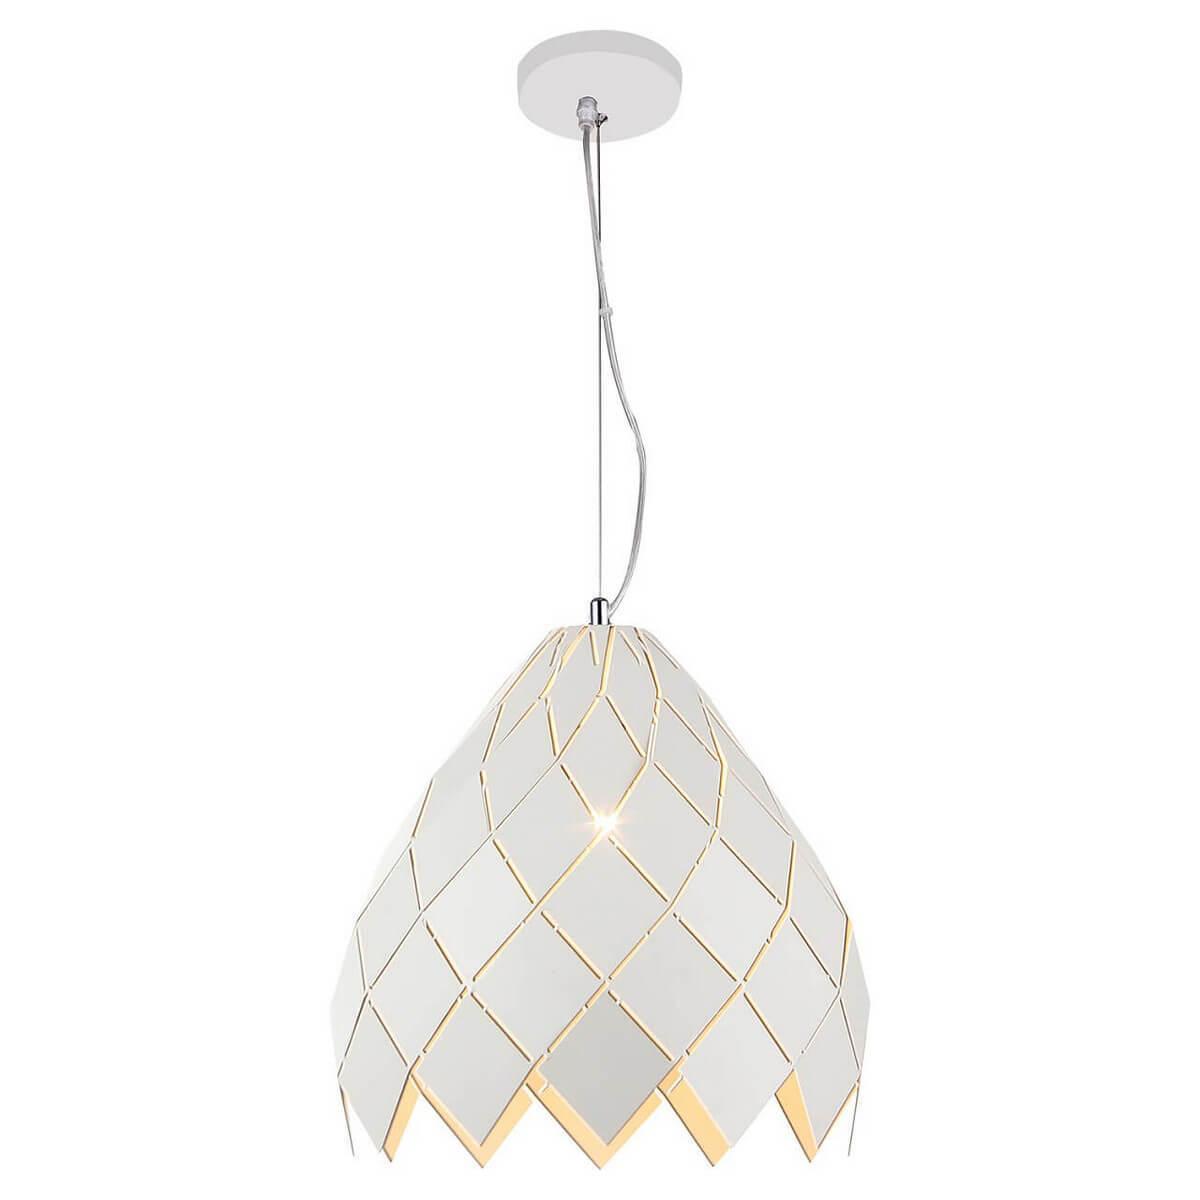 Подвесной светильник Lussole LOFT GRLSP-9945, E27, 11 Вт подвесной светильник lussole grlsp 9945 белый